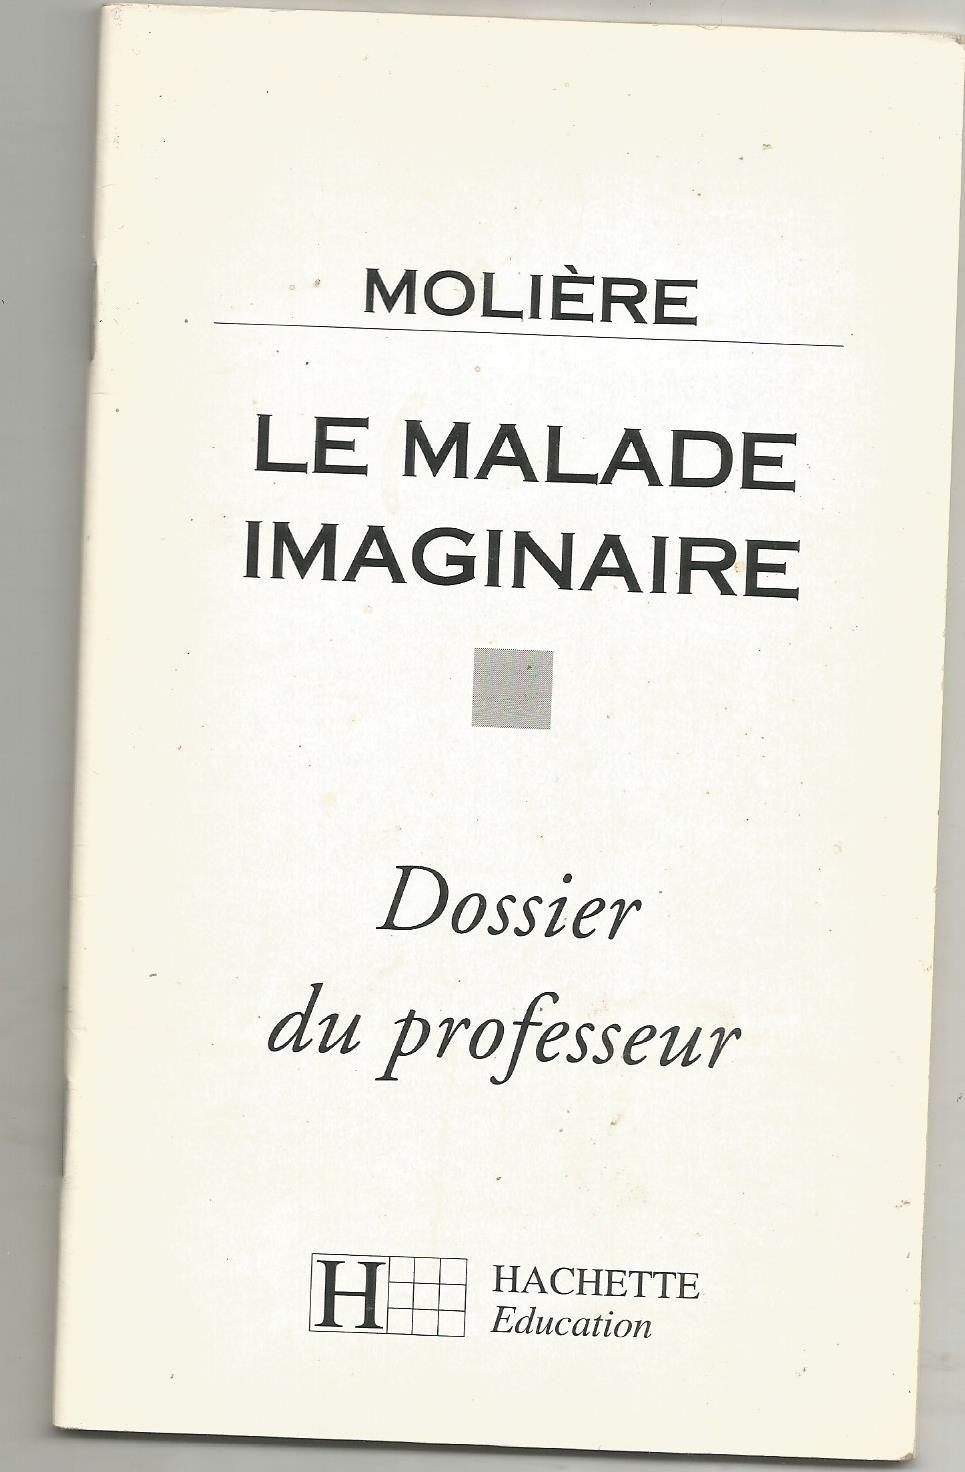 Le Malade imaginaire - Dossier du professeur - Hachette Éducation - 12/03/1992